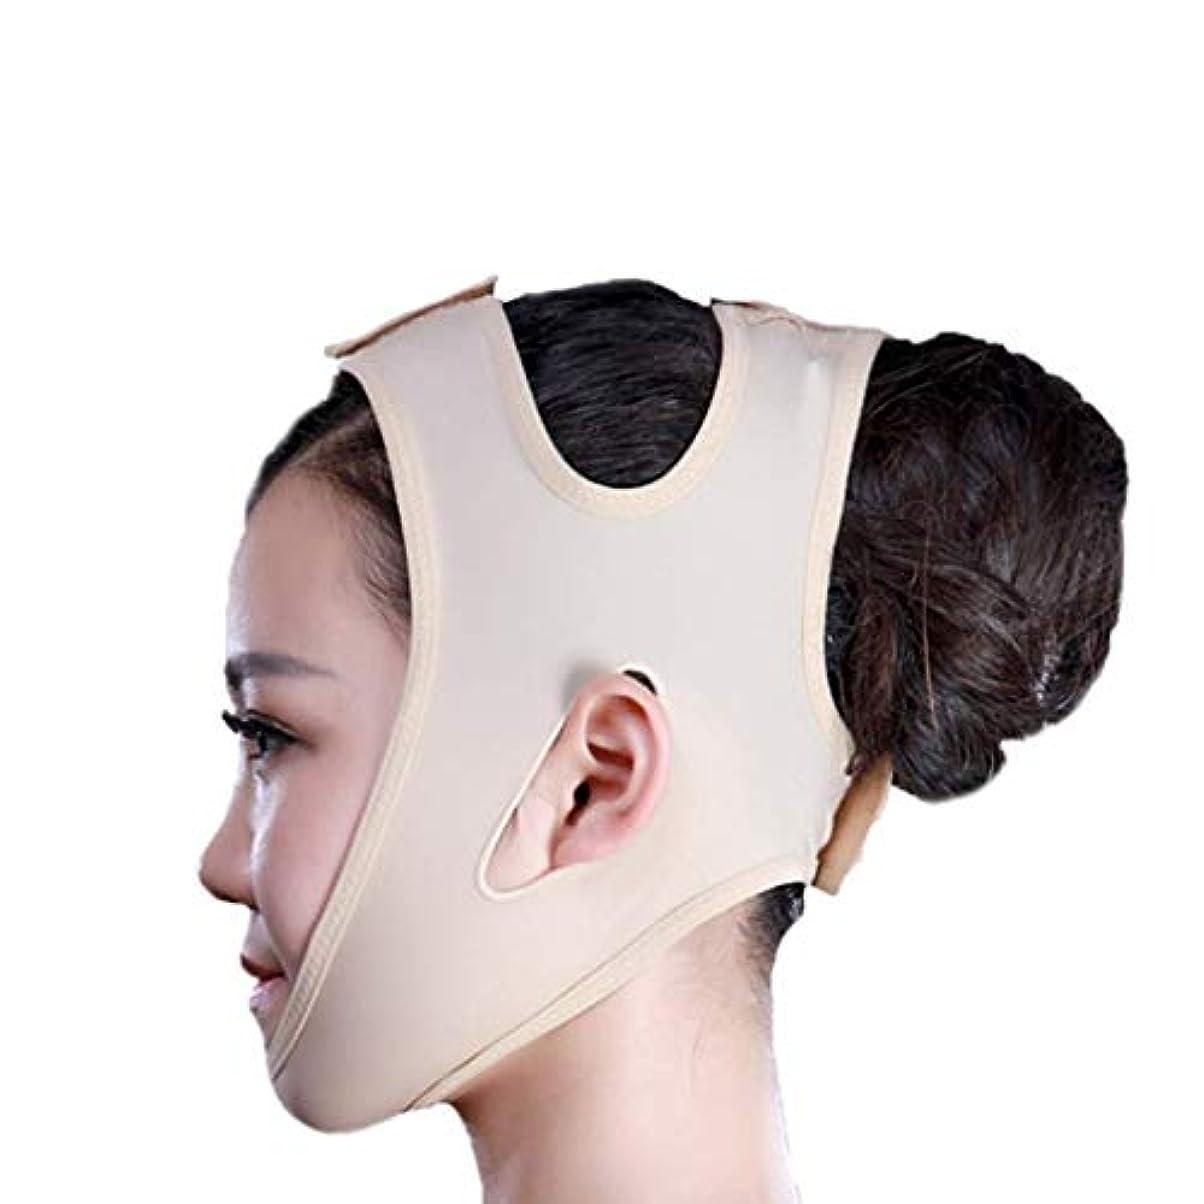 アパートフィドル葉っぱフェイススリミングマスク、快適さと通気性、フェイシャルリフティング、輪郭の改善された硬さ、ファーミングとリフティングフェイス(カラー:ブラック、サイズ:XL),黄色がかったピンク、XL